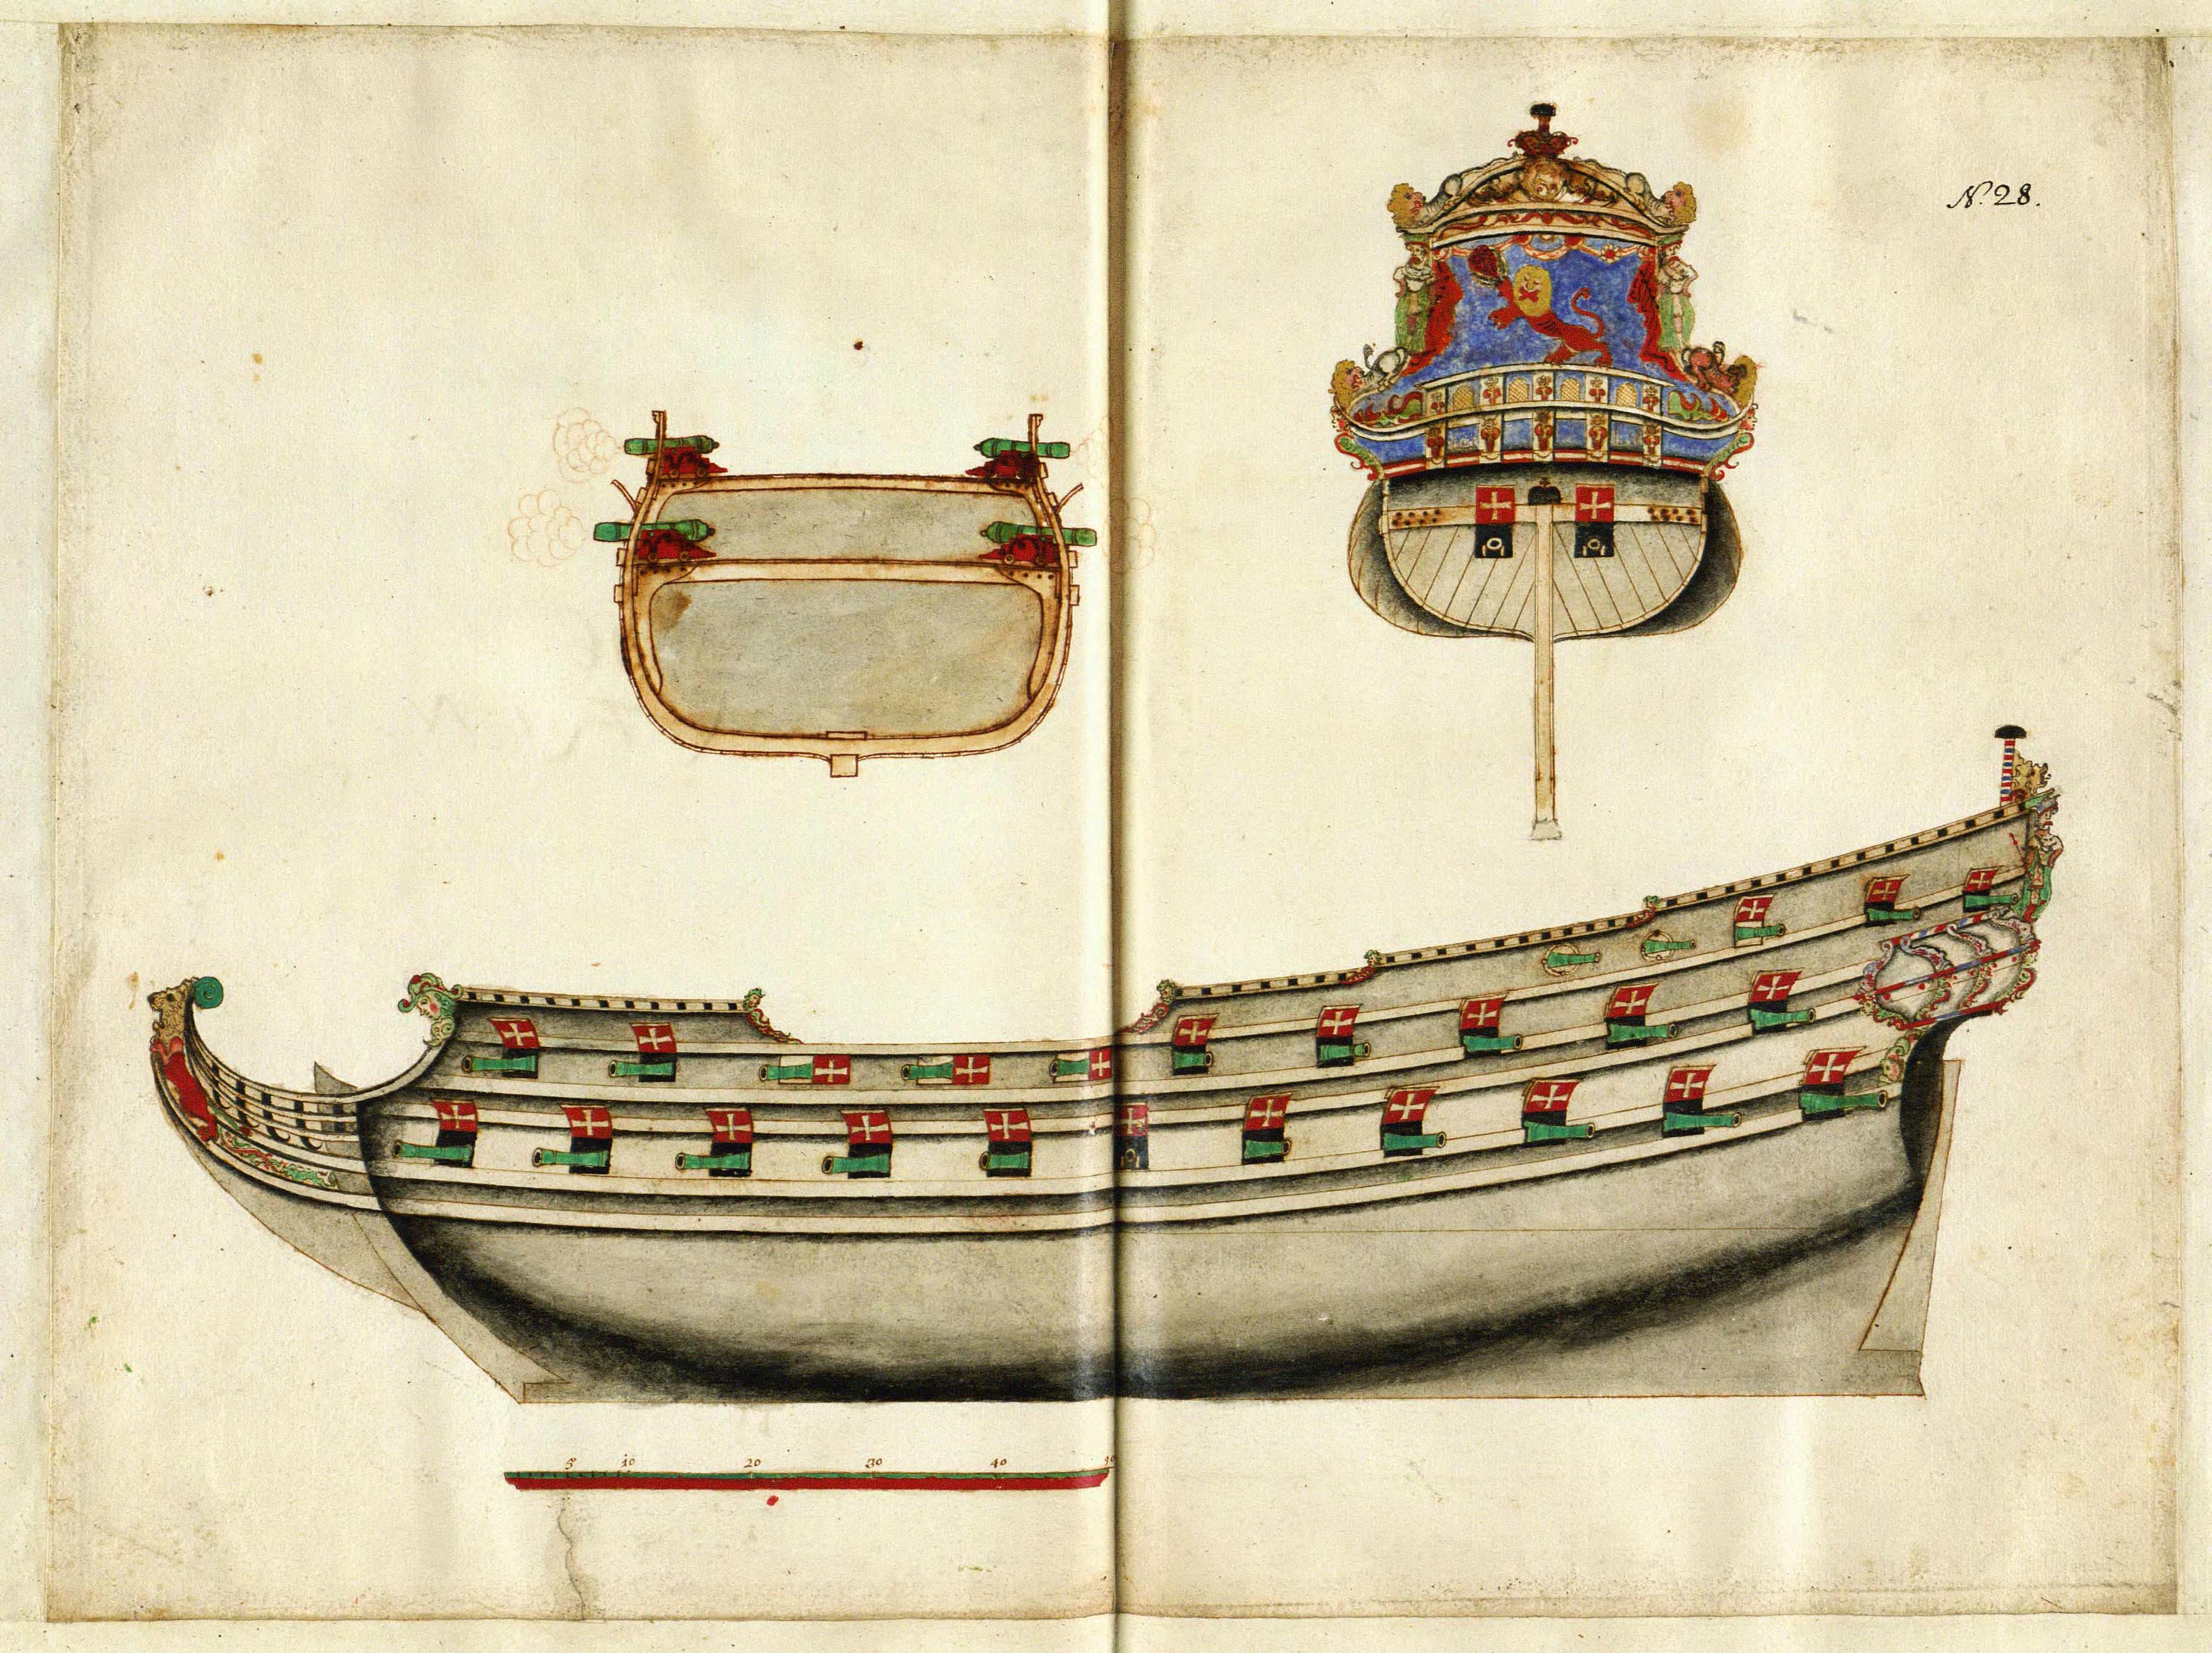 Gyldenl%C3%B8ve_(ship,_1669).jpg